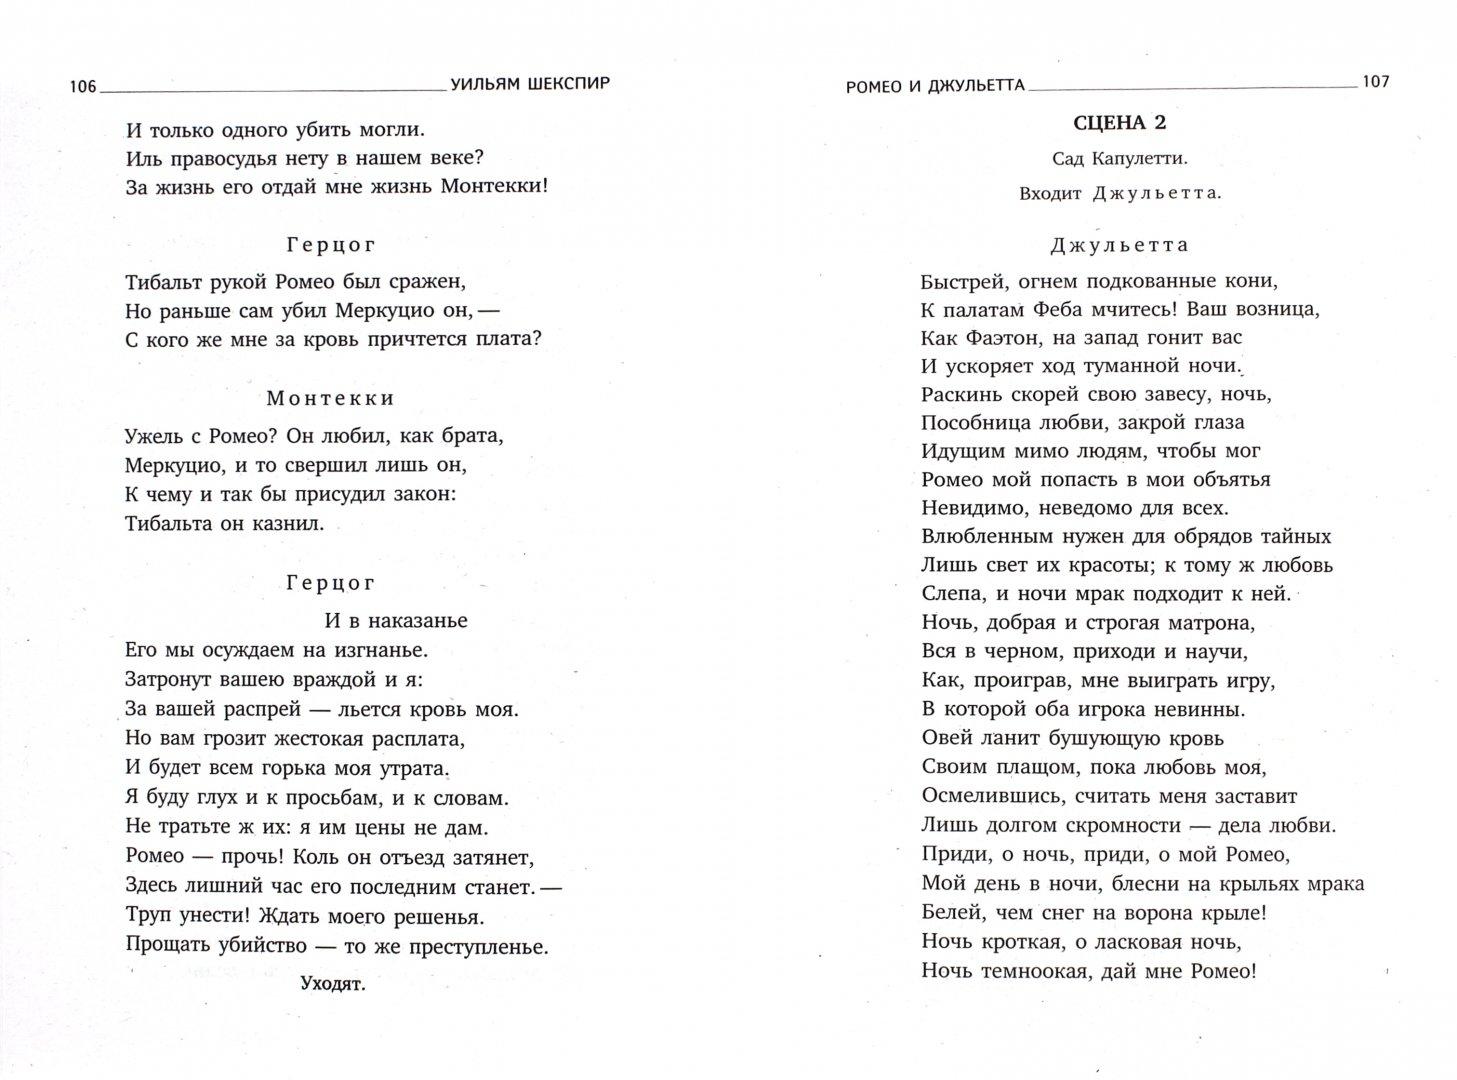 Иллюстрация 1 из 12 для Ромео и Джульетта - Уильям Шекспир | Лабиринт - книги. Источник: Лабиринт